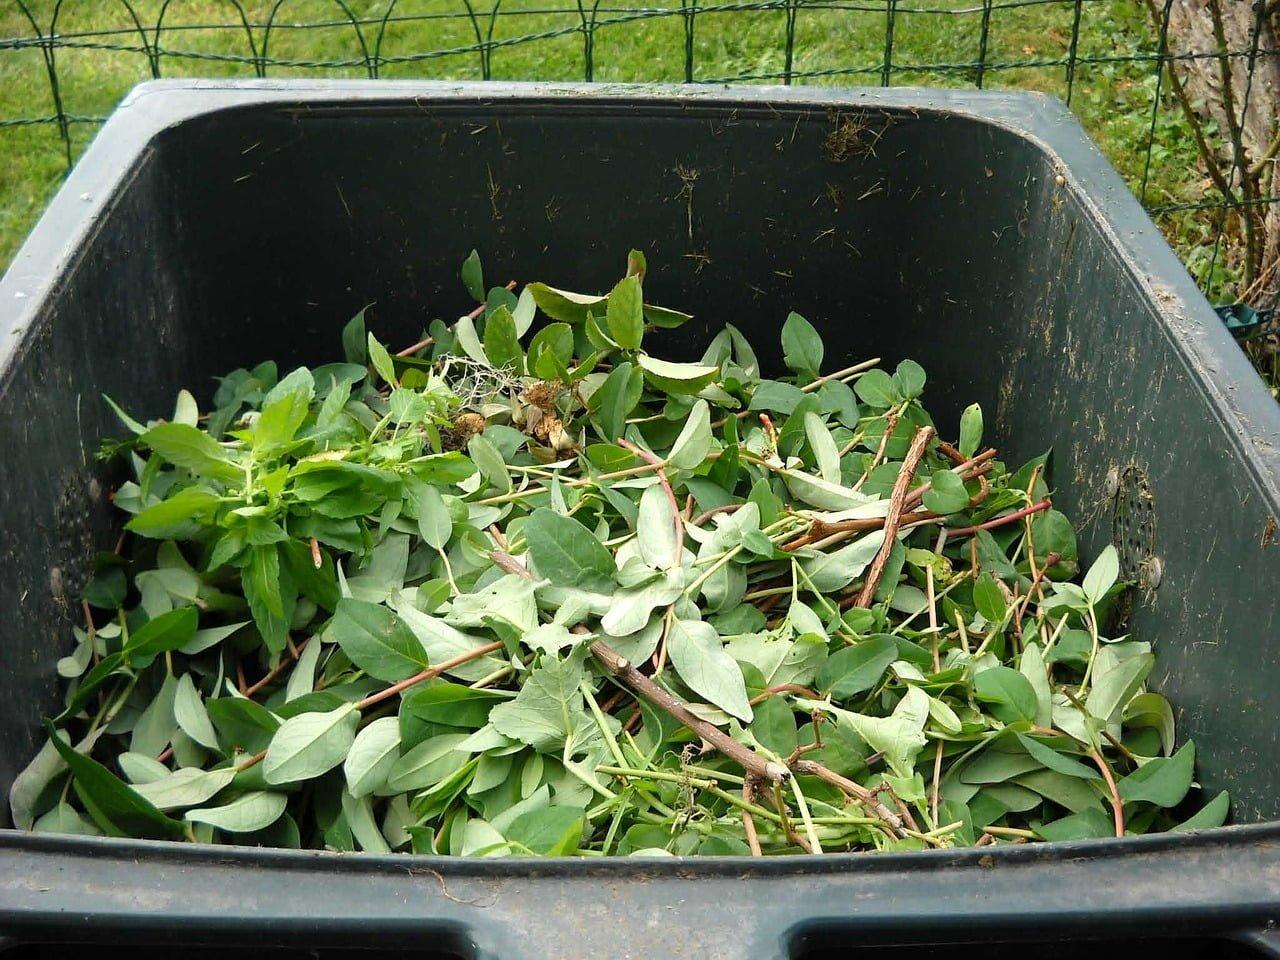 leaves inside te bins